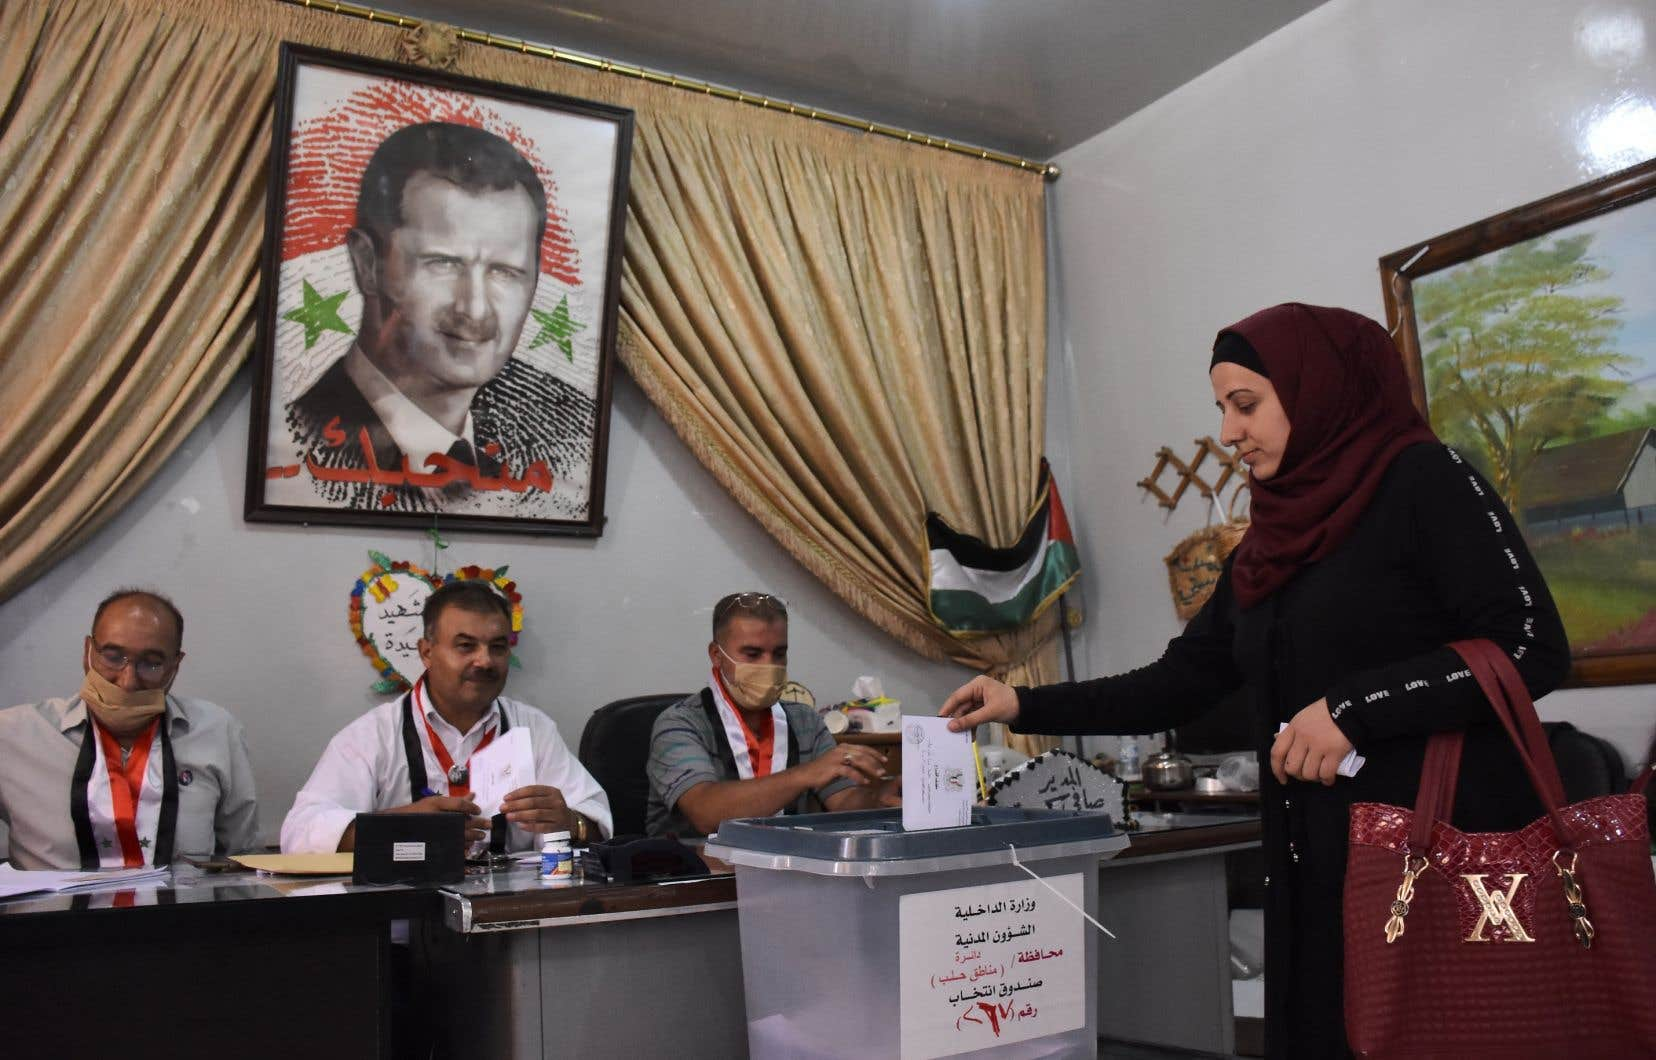 Le parti Baas, au pouvoir depuis un demi-siècle et intimement lié au clan Assad, remporte généralement haut la main les législatives, organisées tous les quatre ans.